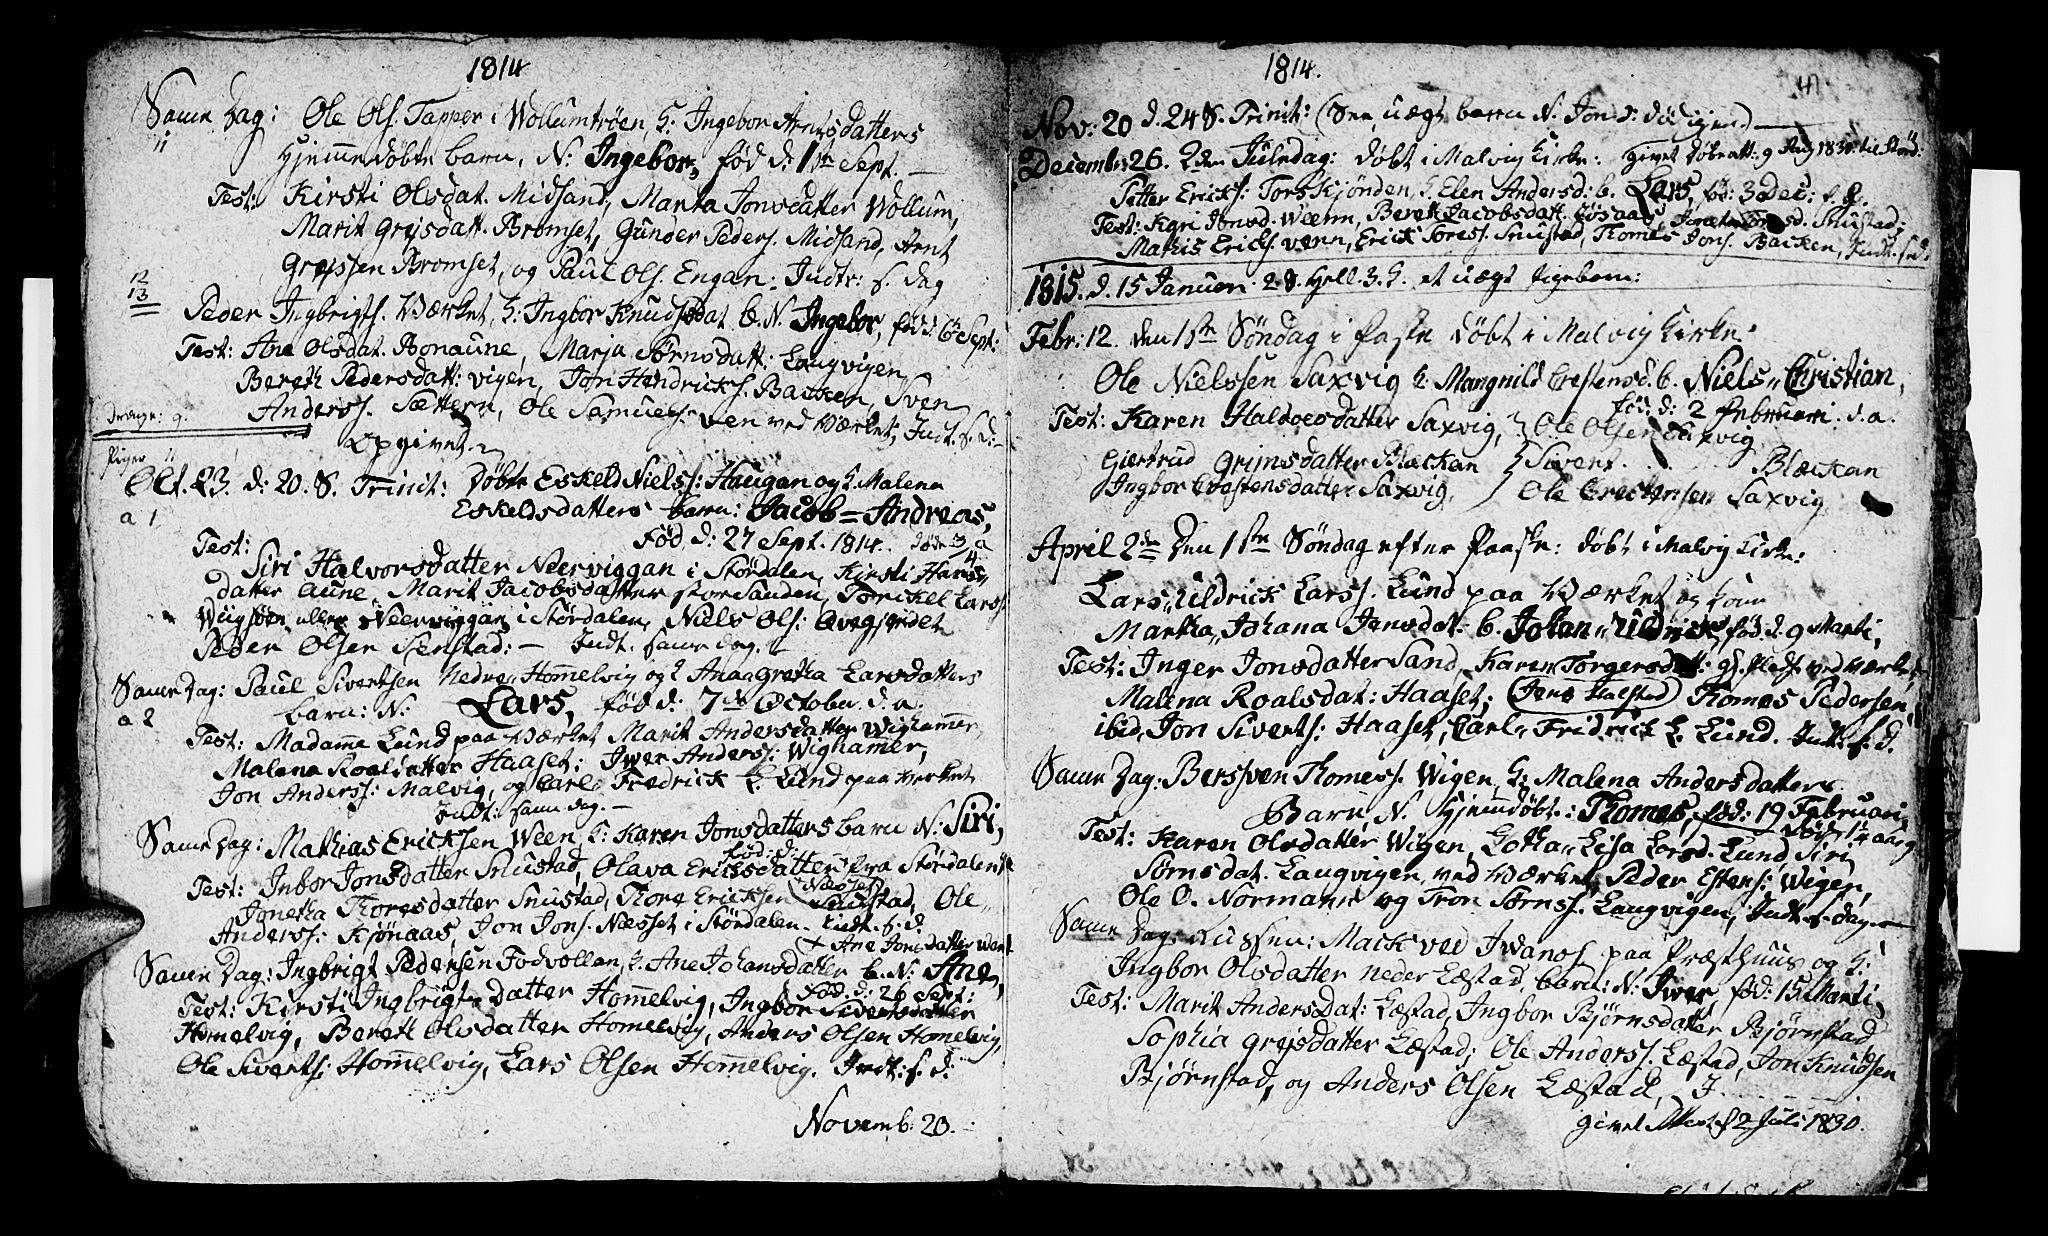 SAT, Ministerialprotokoller, klokkerbøker og fødselsregistre - Sør-Trøndelag, 616/L0419: Klokkerbok nr. 616C02, 1797-1816, s. 41